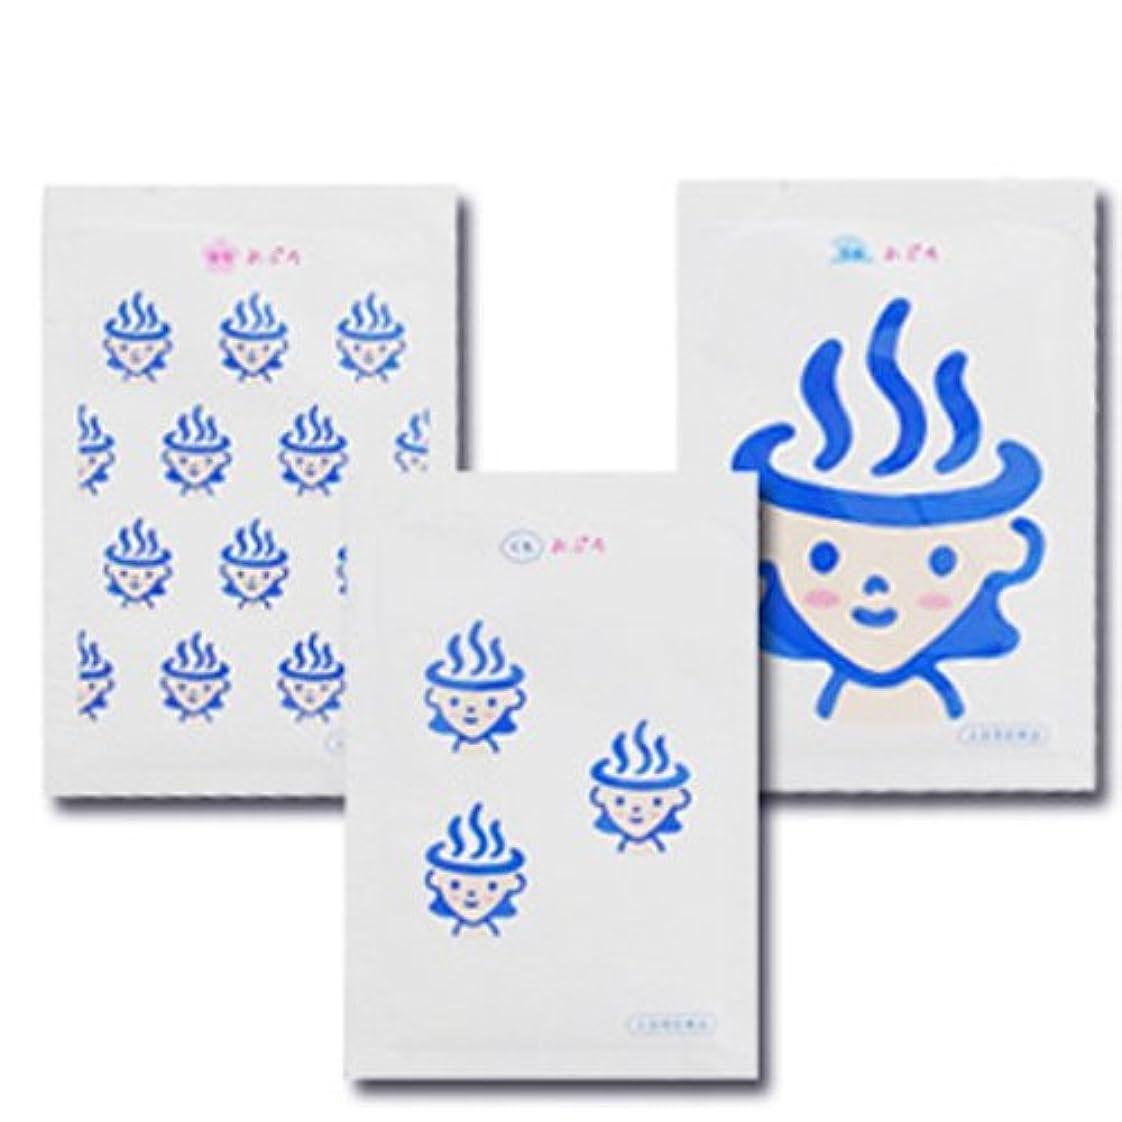 グロー通常別にお風呂サプリ おぷろ 3包入り(3種×1包)